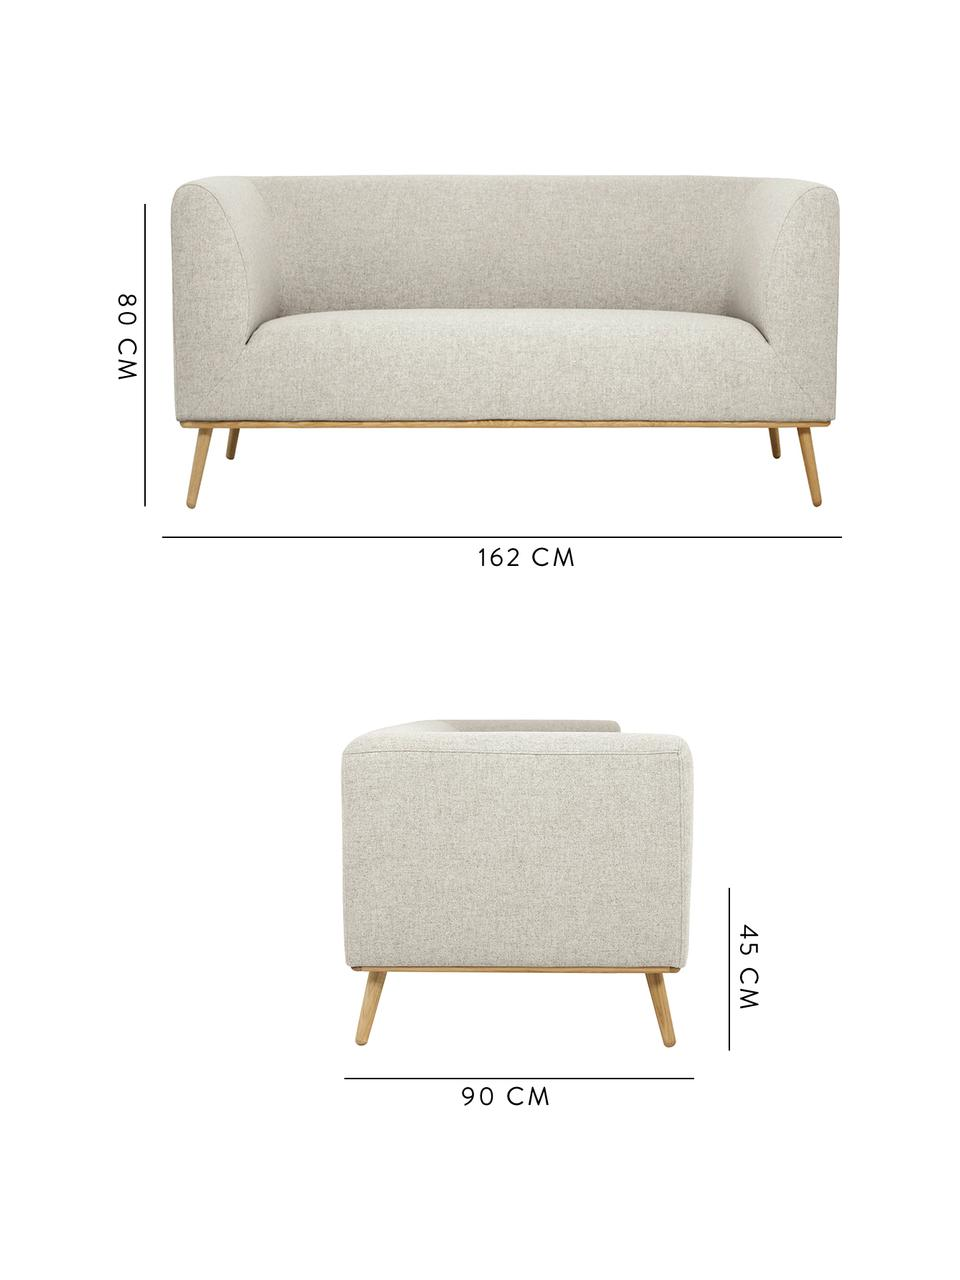 Sofa Archie (2-Sitzer) in Beige mit Eichenholz-Füßen, Bezug: 100% Wolle 30.000 Scheuer, Gestell: Kiefernholz, Füße: Massives Eichenholz, geöl, Webstoff Beige, B 162 x T 90 cm